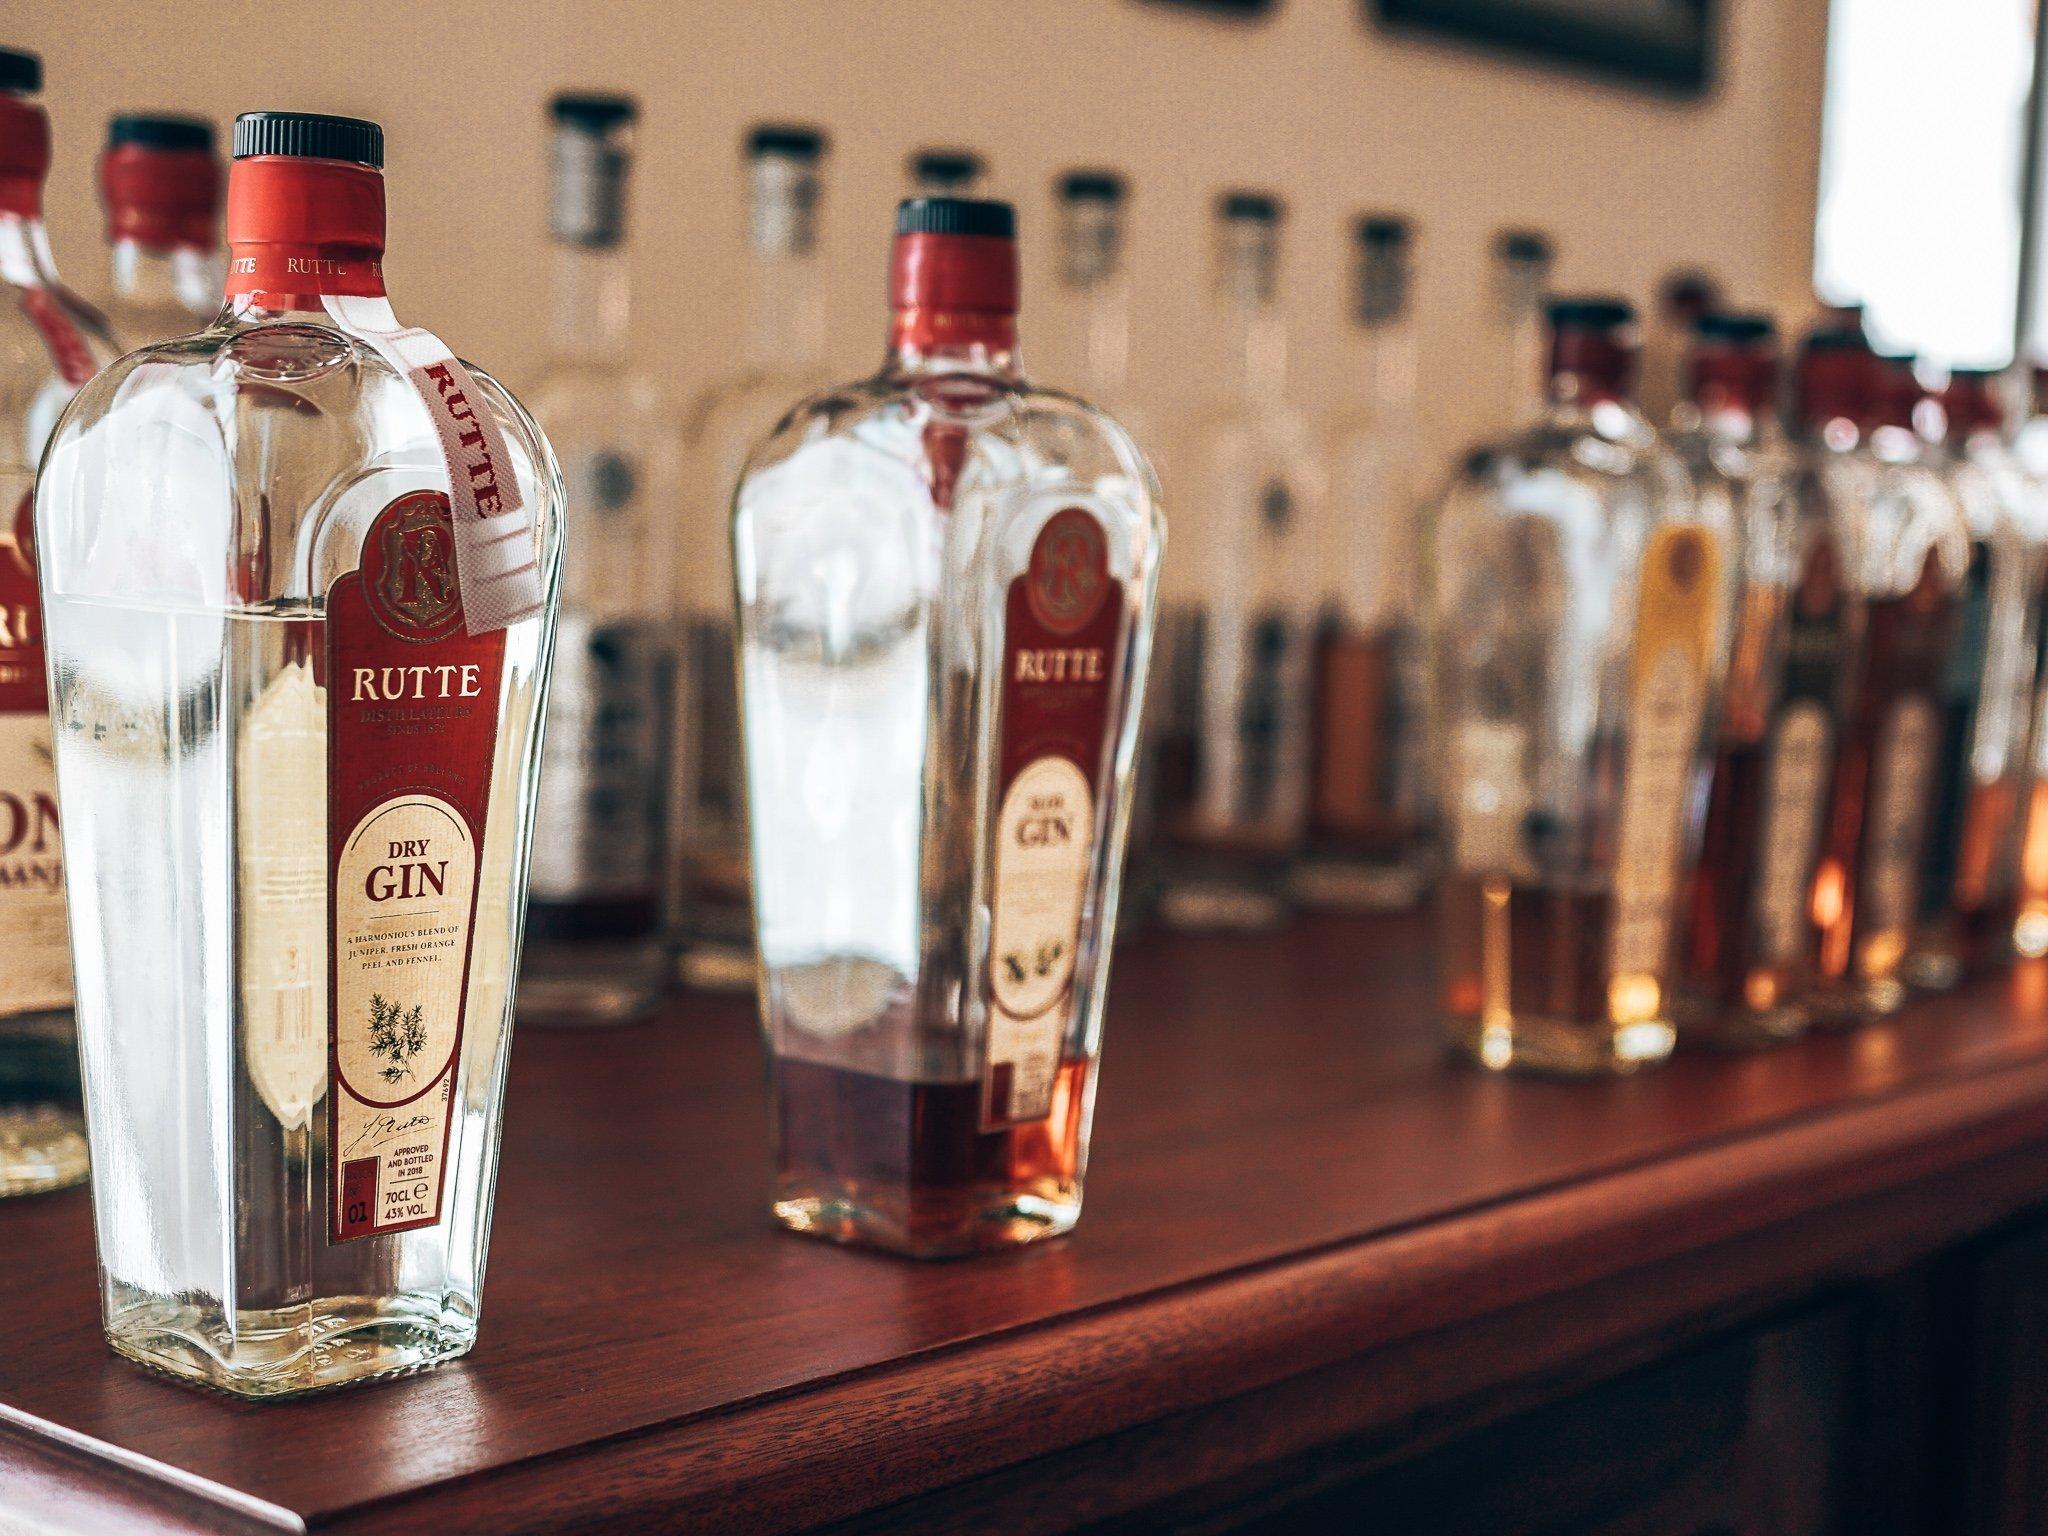 Distilleerderij Rutte, Dordrecht, Rutte gins, Alles over gin.